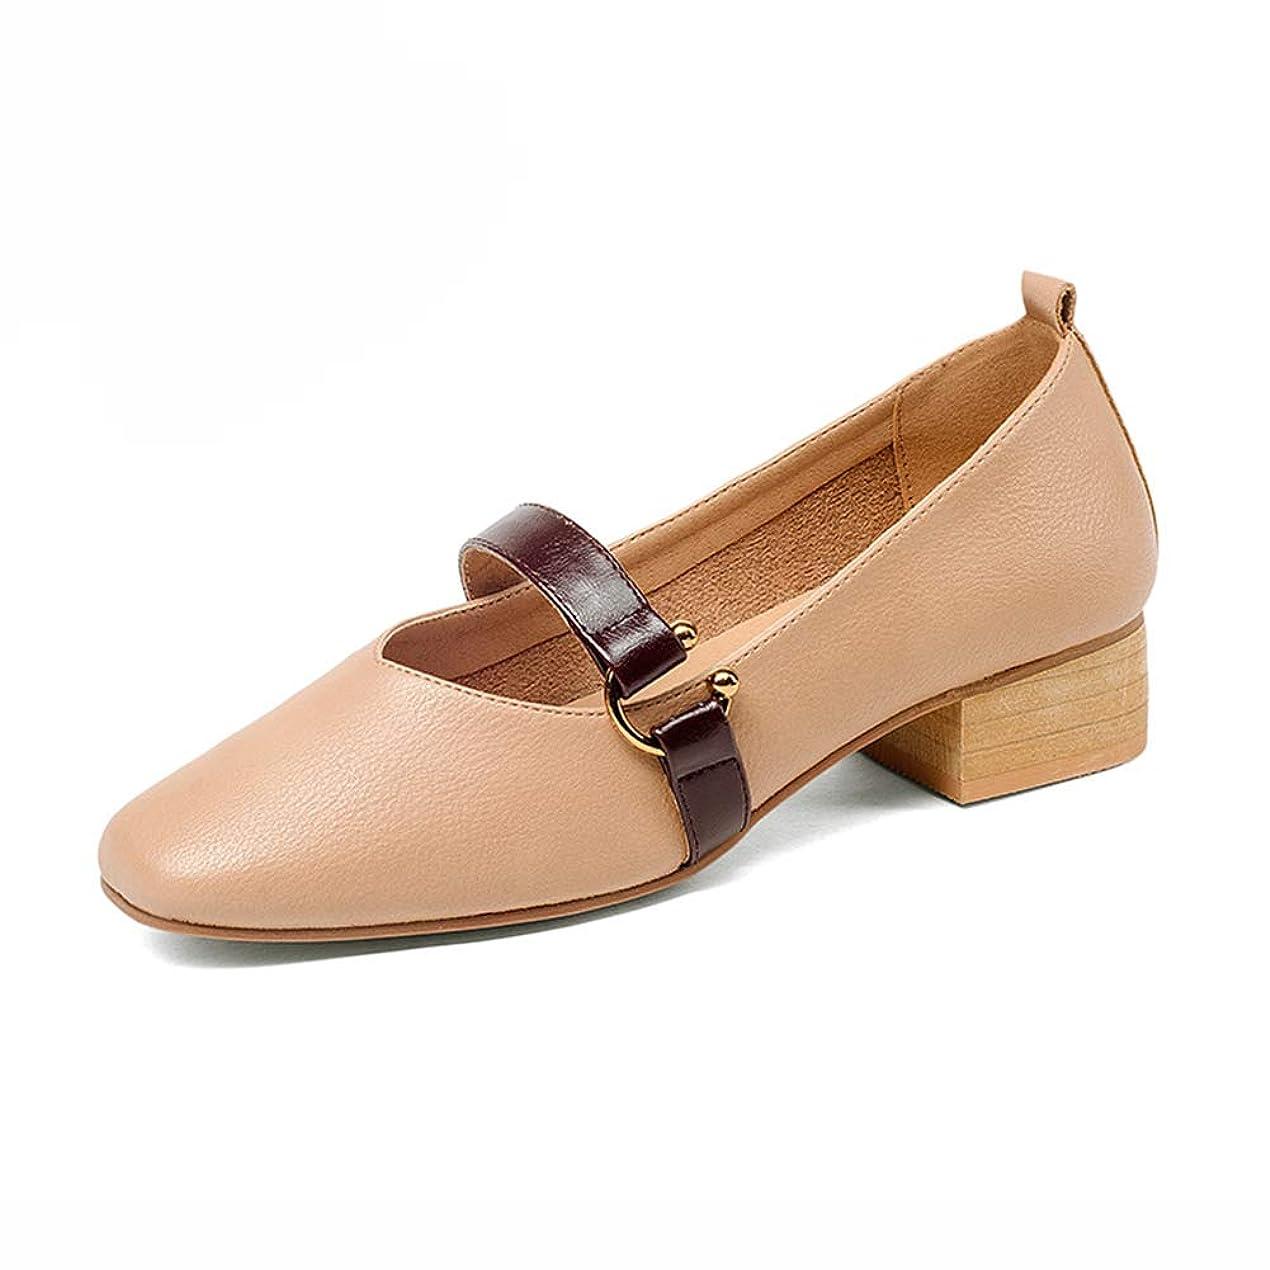 盆妖精調停するHWF レディースシューズ 女性の浅い口PUレザーカジュアルシューズレザー快適なファッション運転靴 (色 : ライトタン, サイズ さいず : 35)